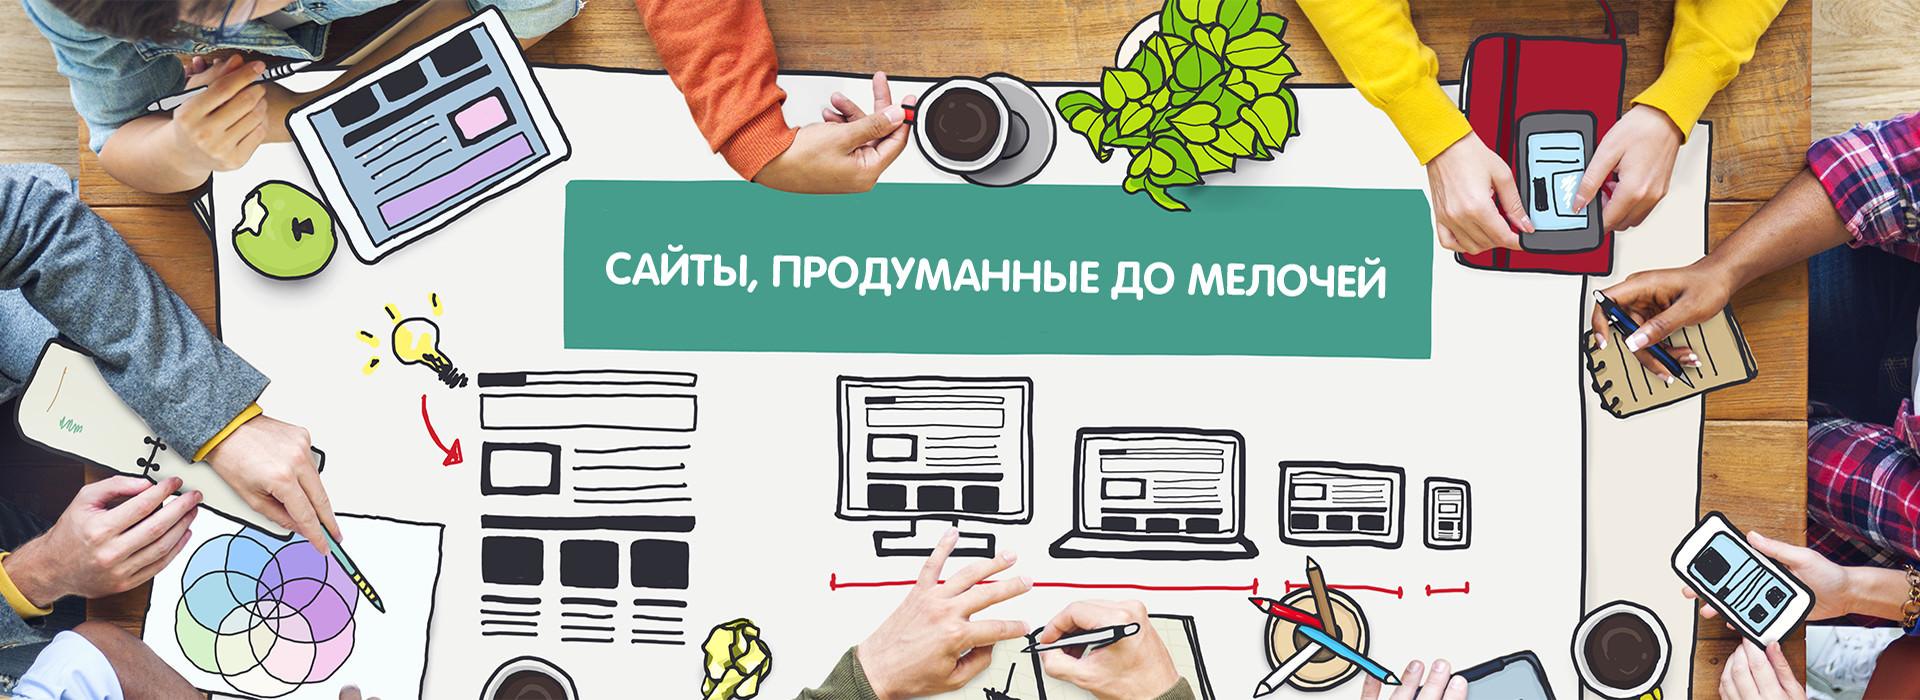 Создание,разработка,продвижение сайтов в Кокшетау